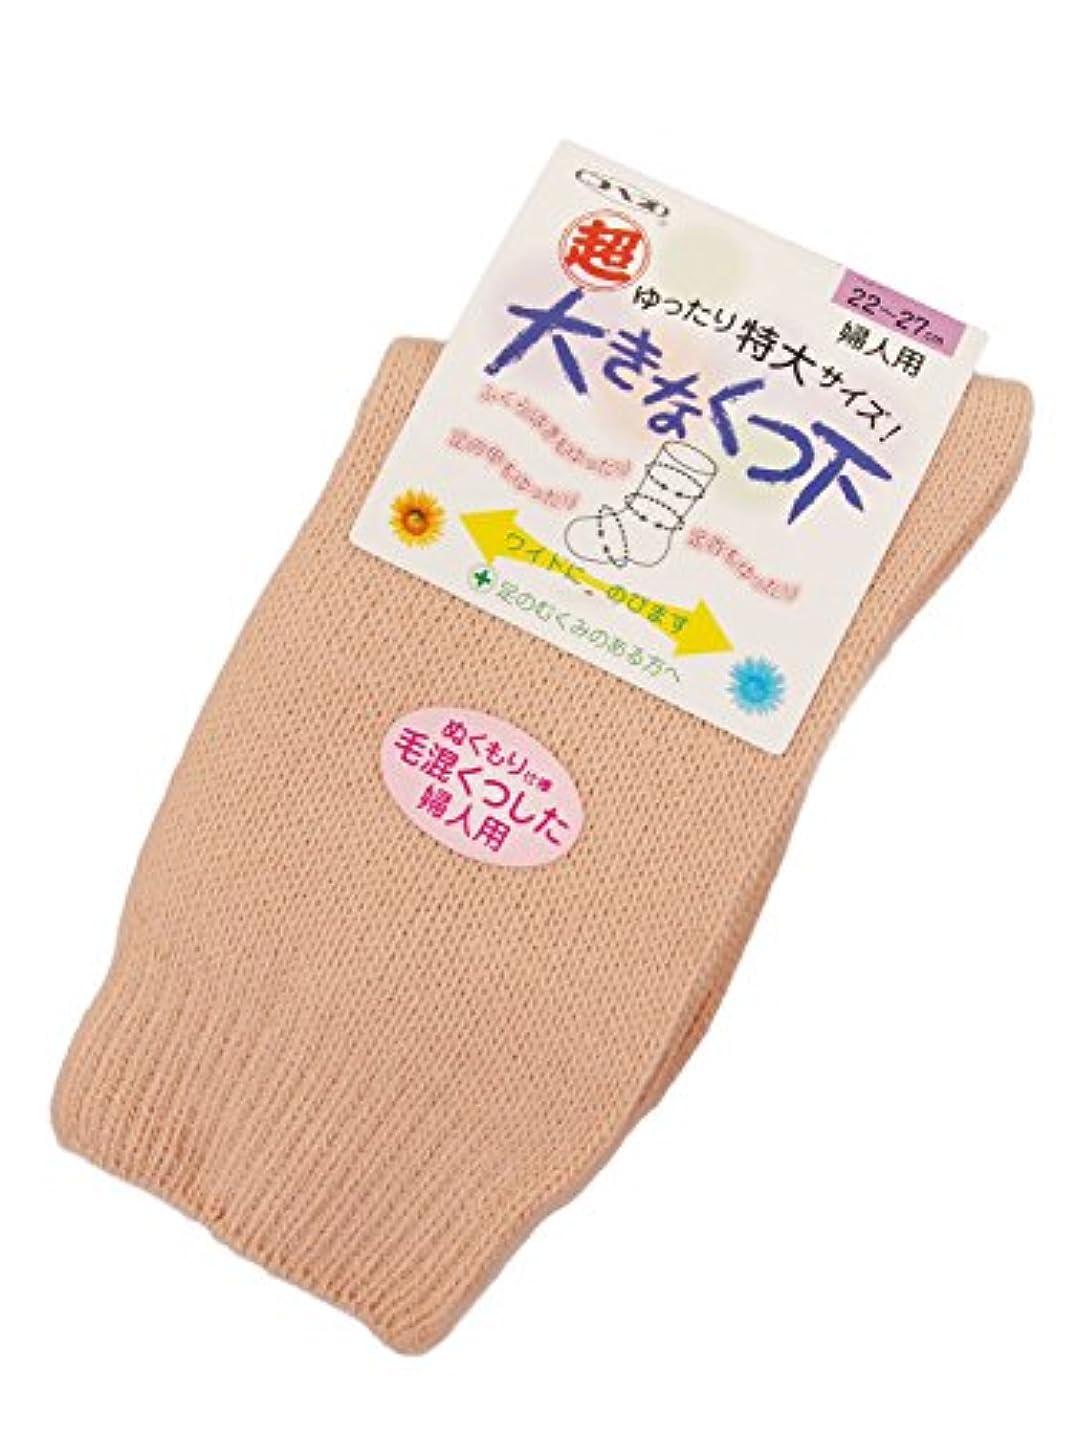 降臨裁定興奮神戸生絲 婦人超ゆったり特大サイズ大きなくつ下毛混 ピンク 22-27cm